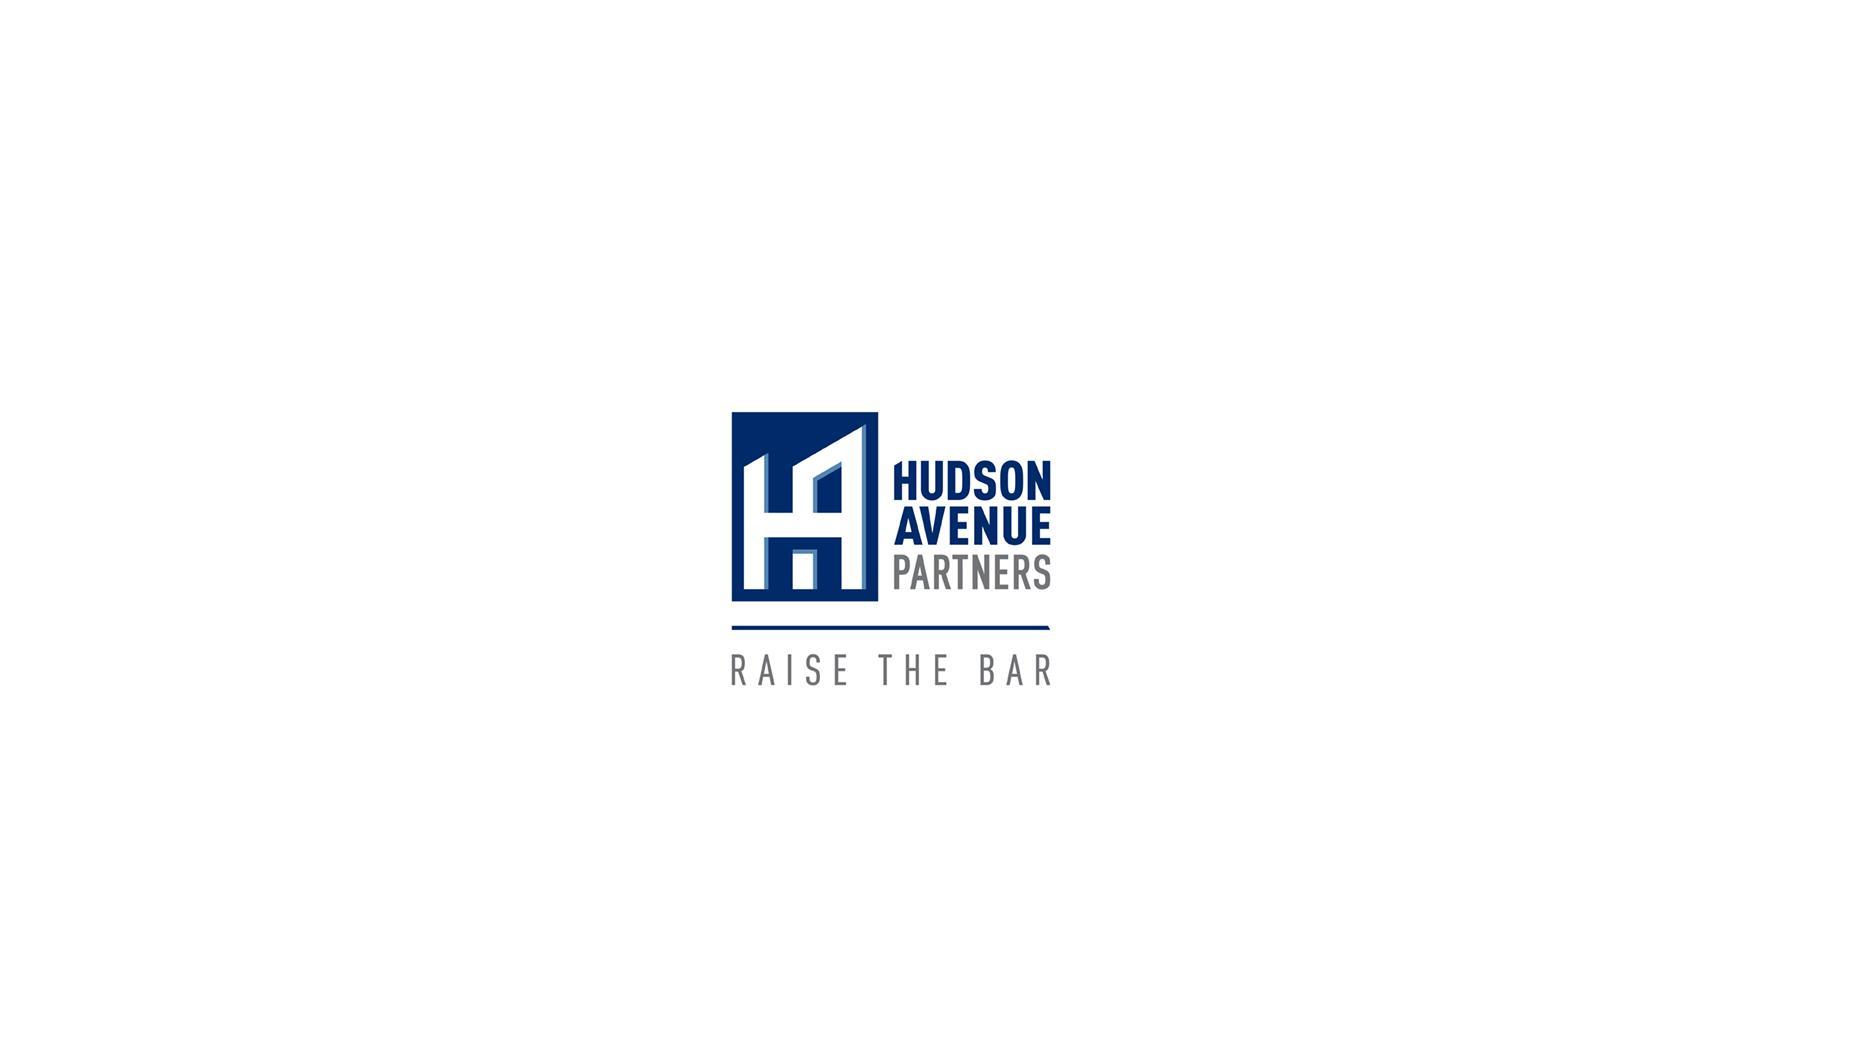 HUDSON AVENUE PARTNERS LAUNCH FIRM